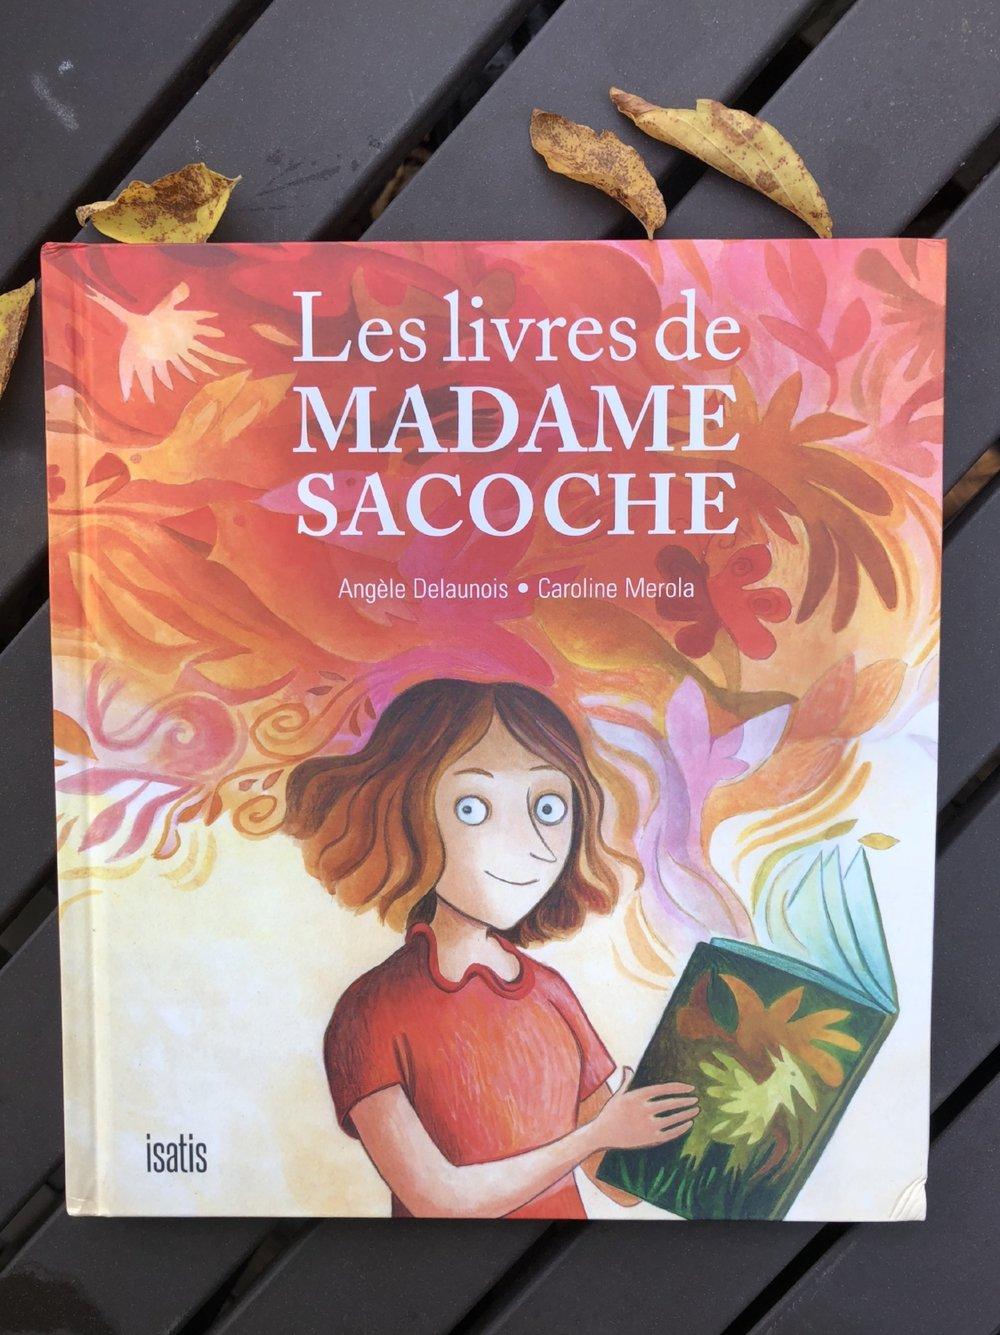 Les livres de madame sacoche-album jeunesse-livre pour enfants-suggestions de livres-littérature jeunesse-lire-lecture-coups de coeur littéraires-enfants-Je suis une maman